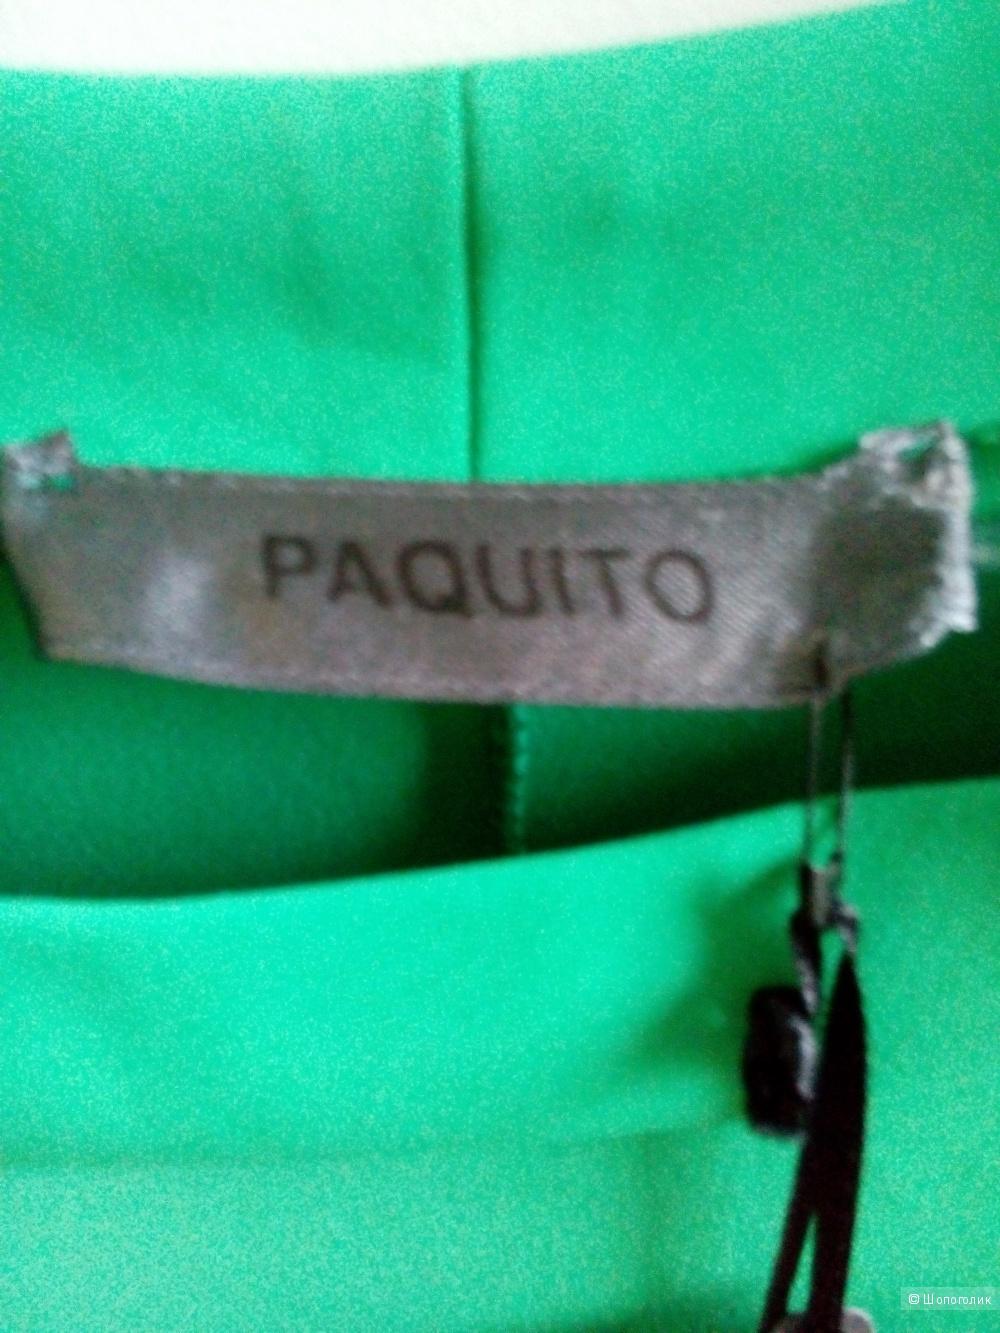 Платье PAQUITO Италия  в размере 50 IT.